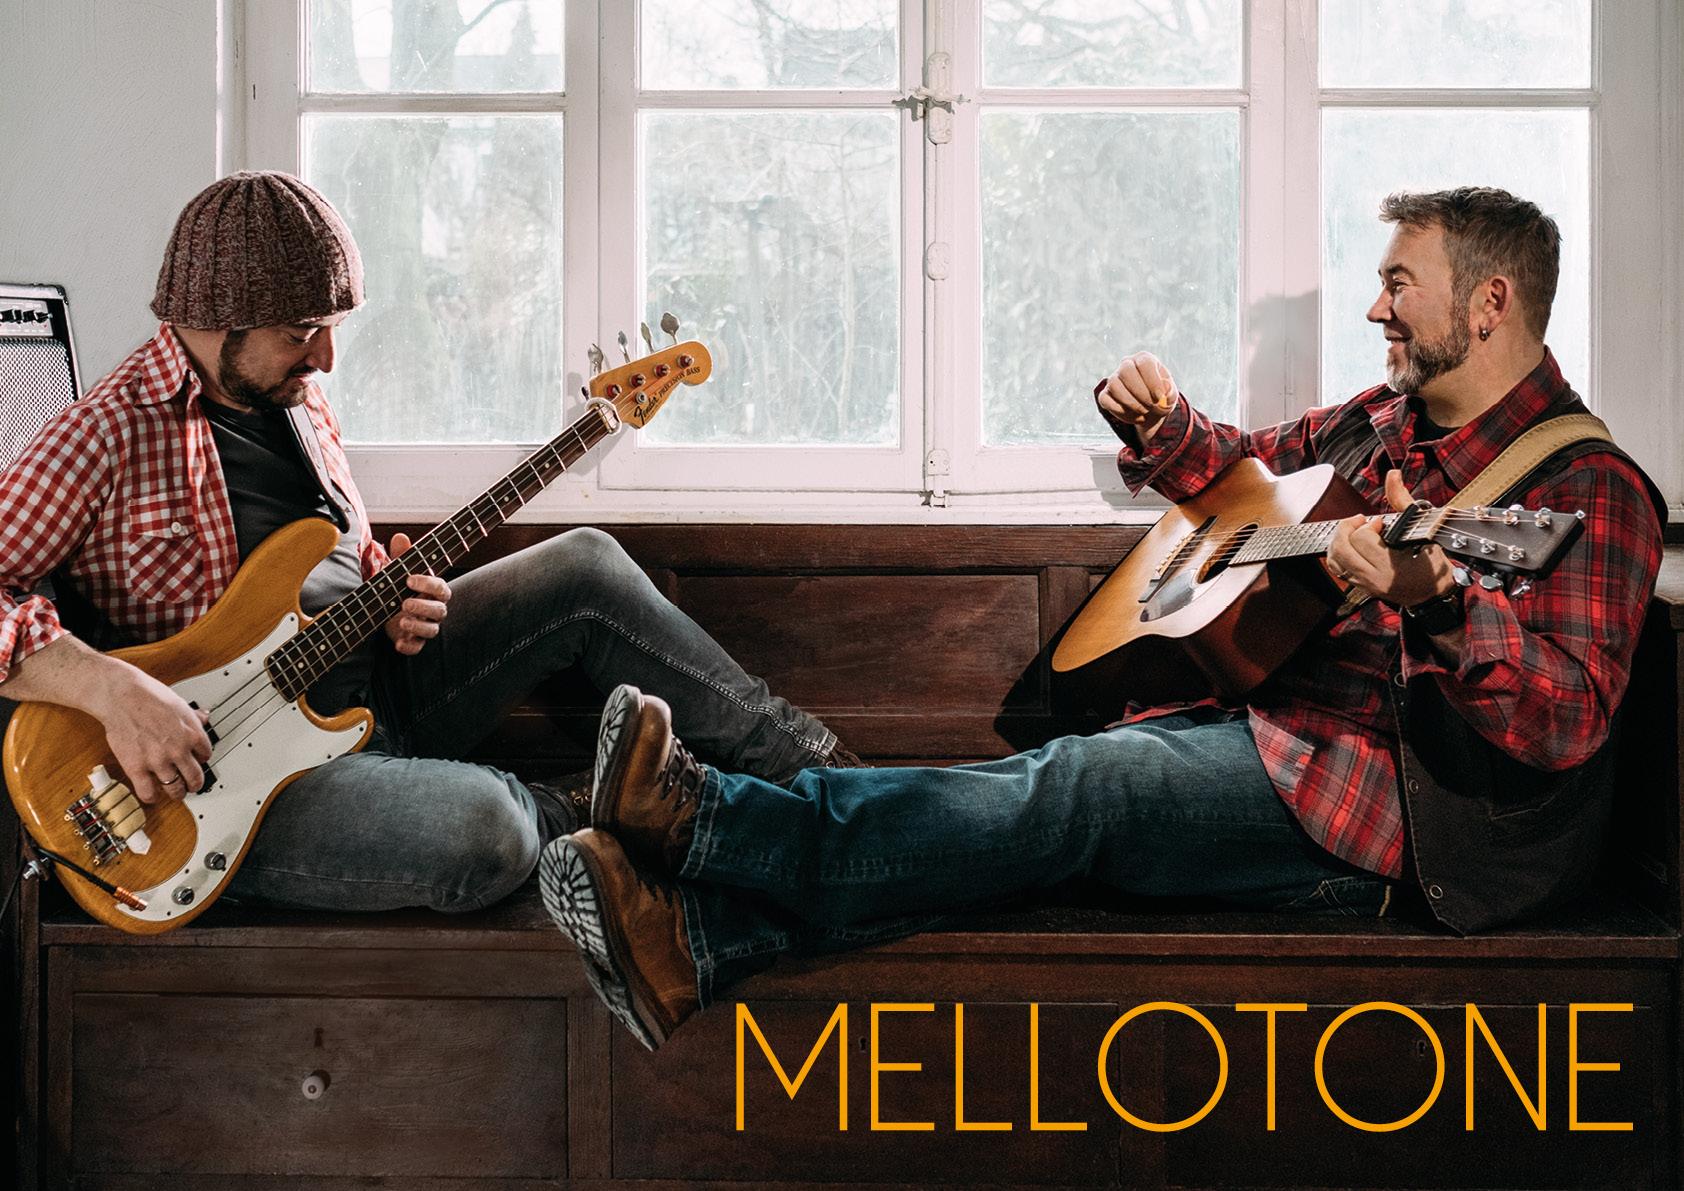 Melloton